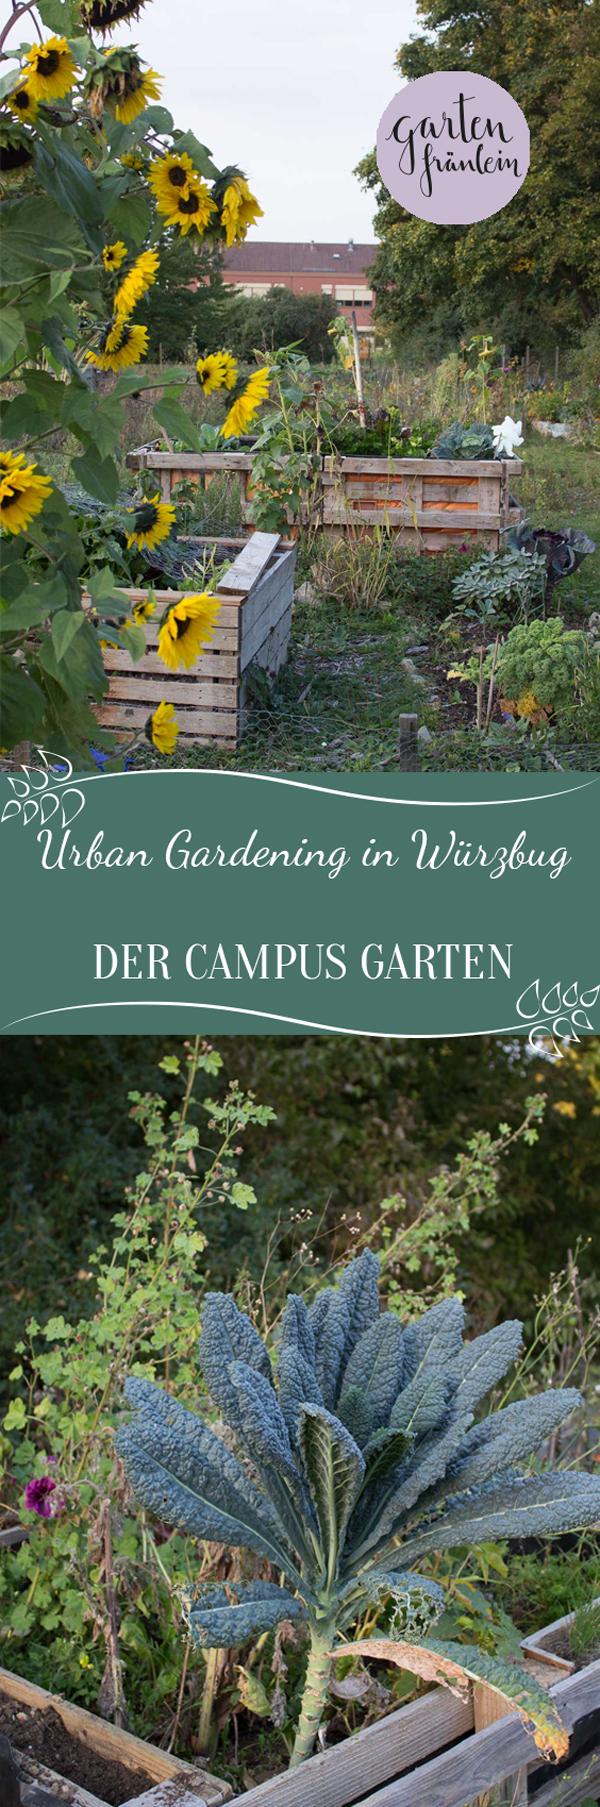 Campus Garten